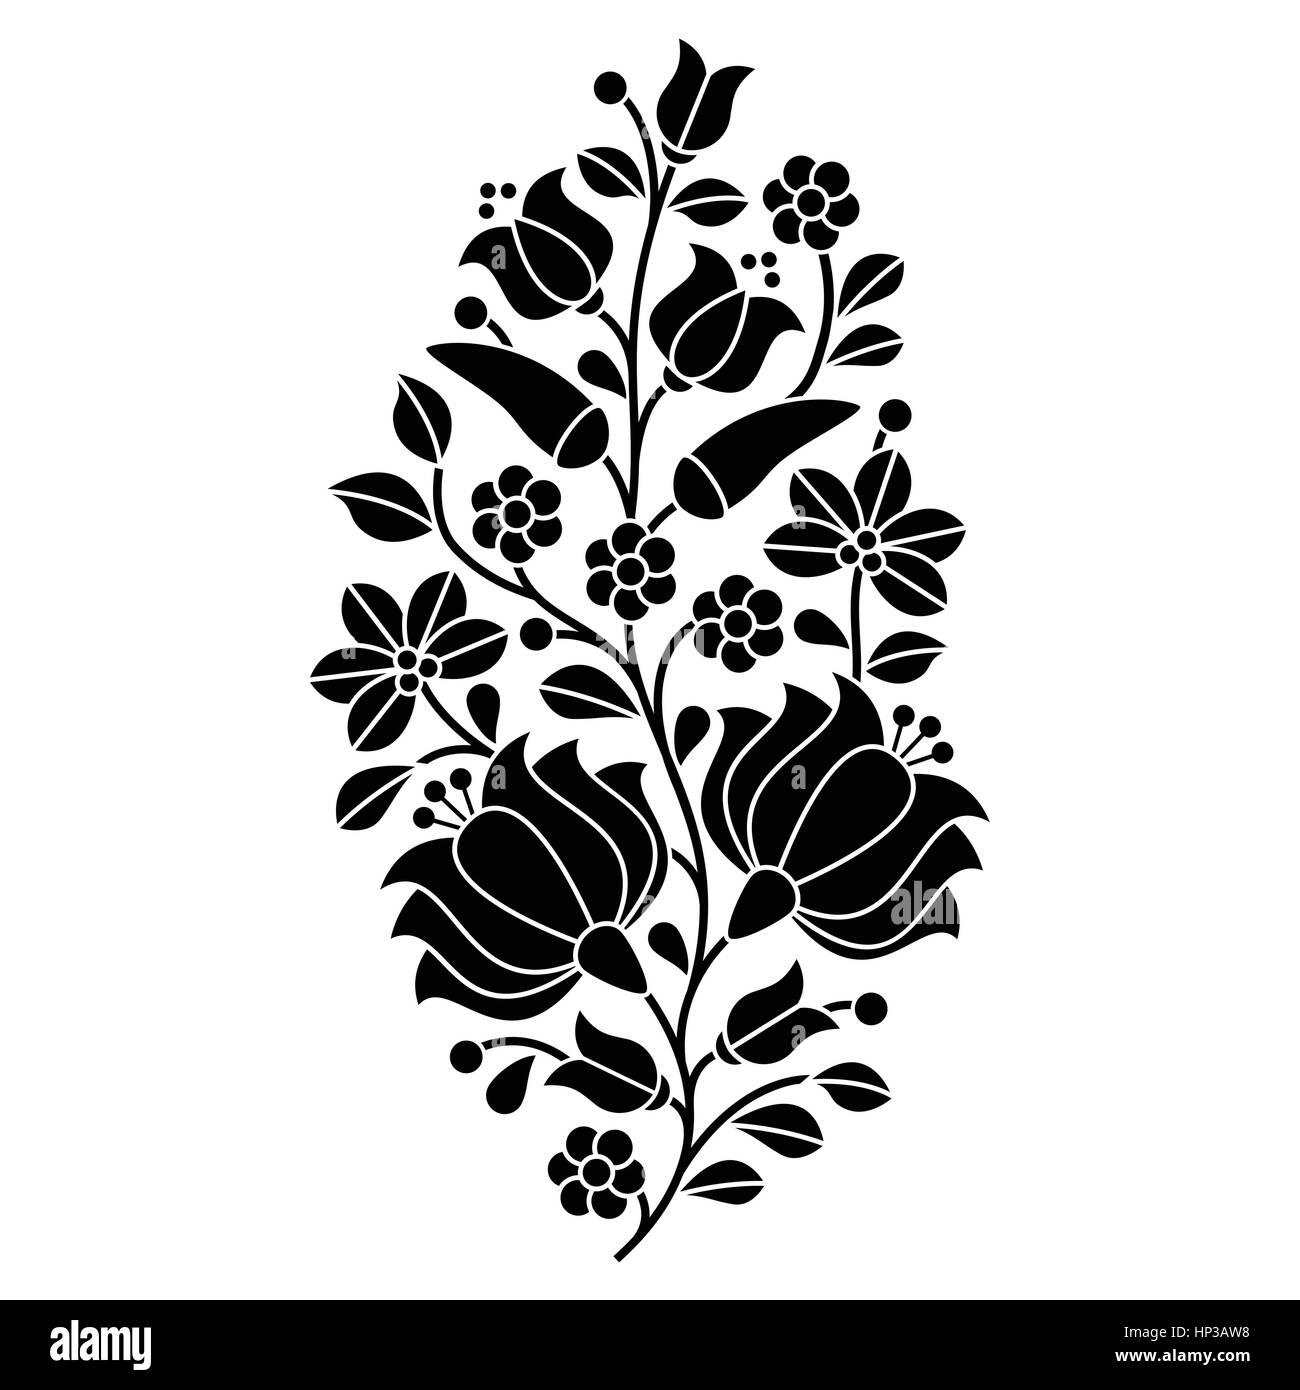 Húngaro folk negro patrón : Kalocsai bordado con flores y pimentón ...